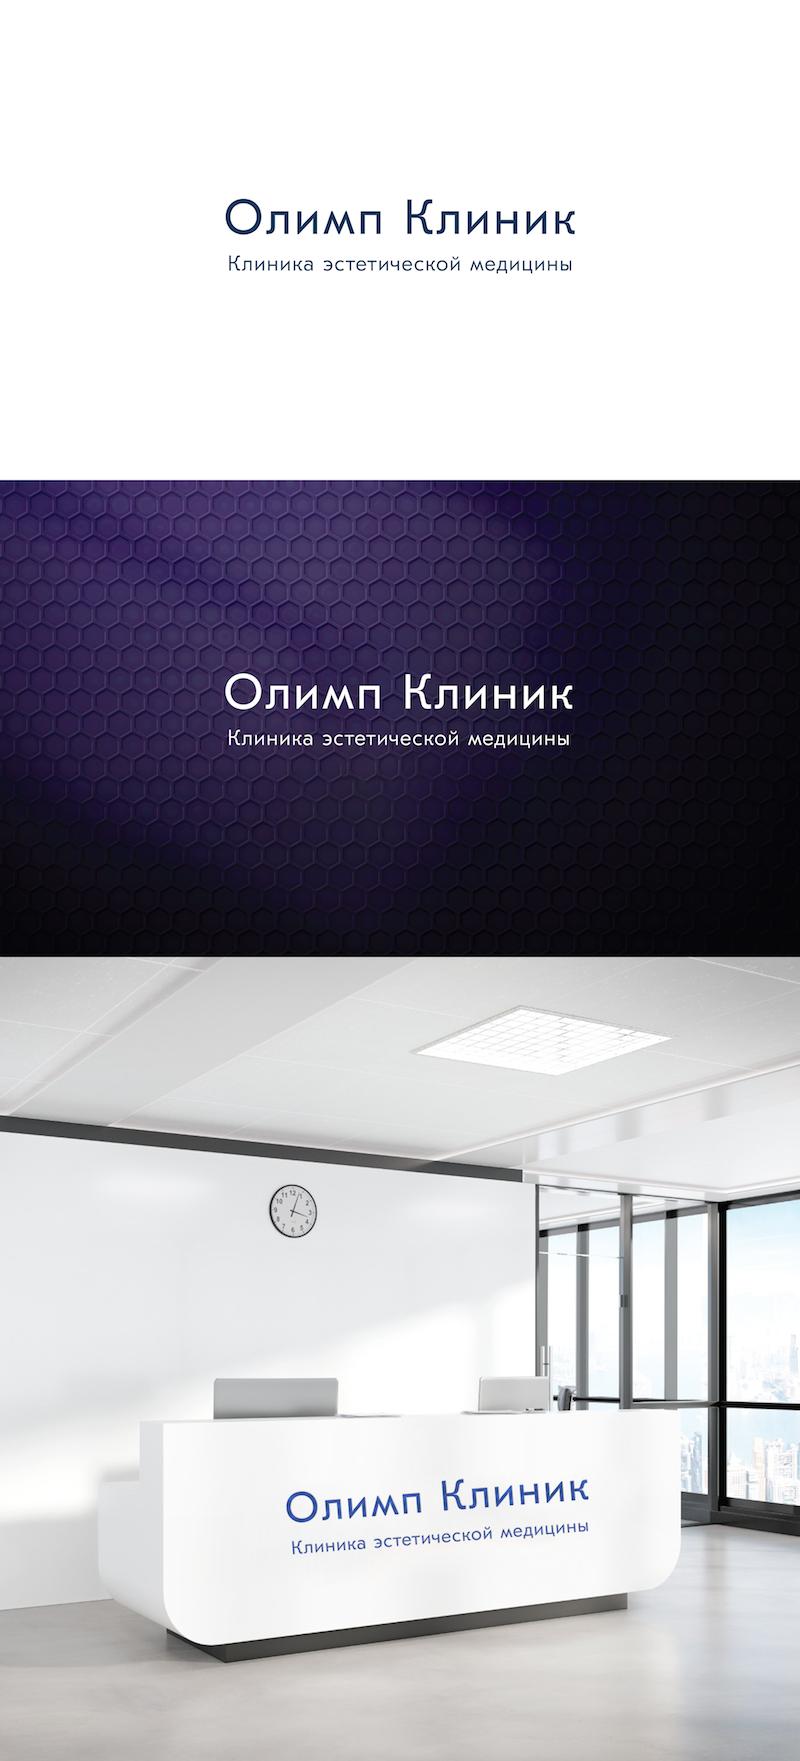 Разработка логотипа и впоследствии фирменного стиля фото f_8755f20344976598.png